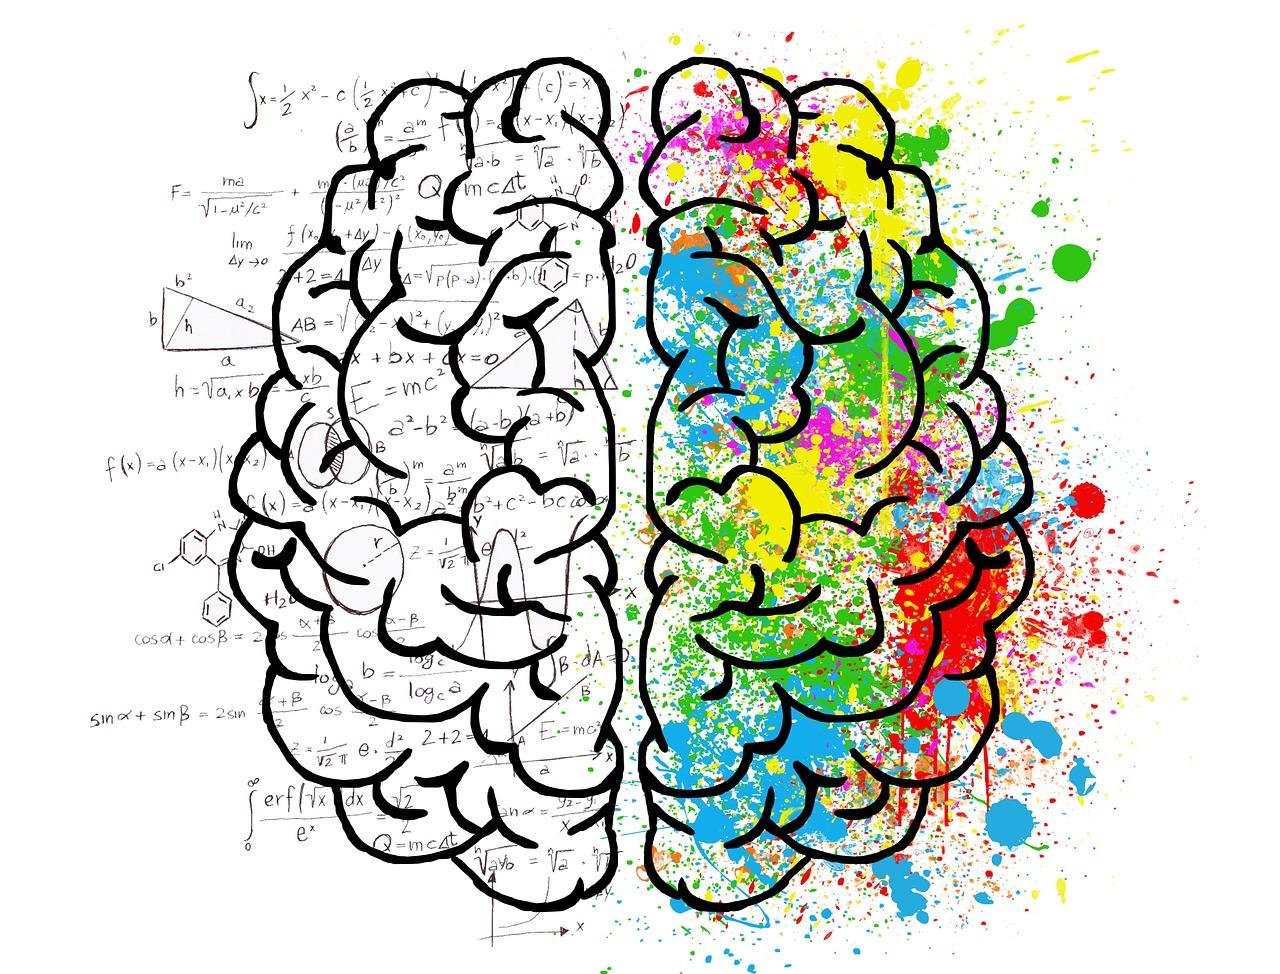 ¡Falsas creencias a propósito del cerebro, pero verdaderos neuromitos!